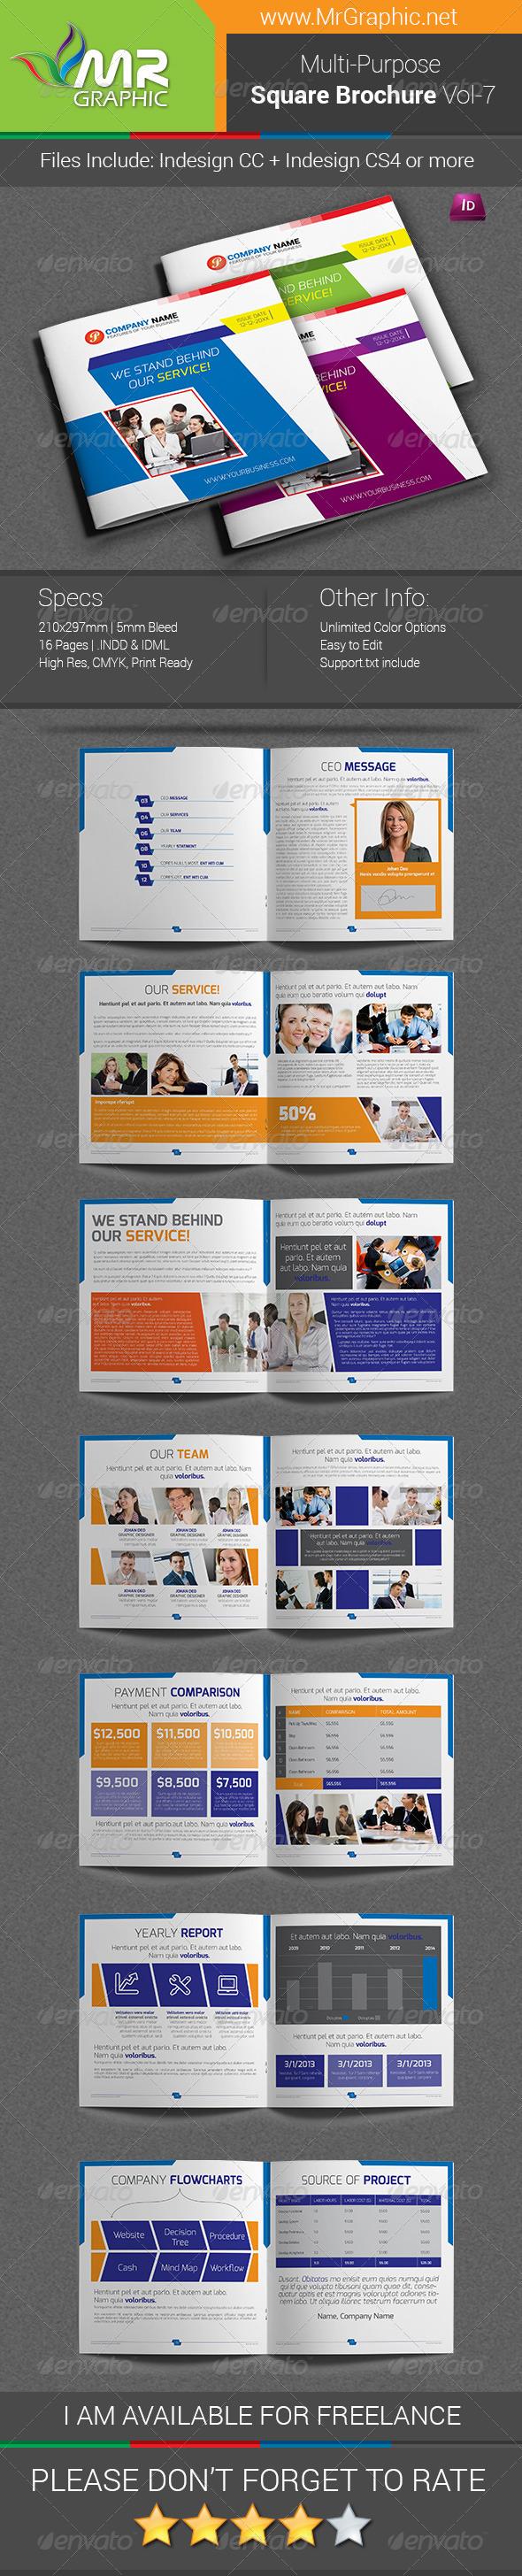 GraphicRiver Multipurpose Square Brochure Template Vol-07 6930701